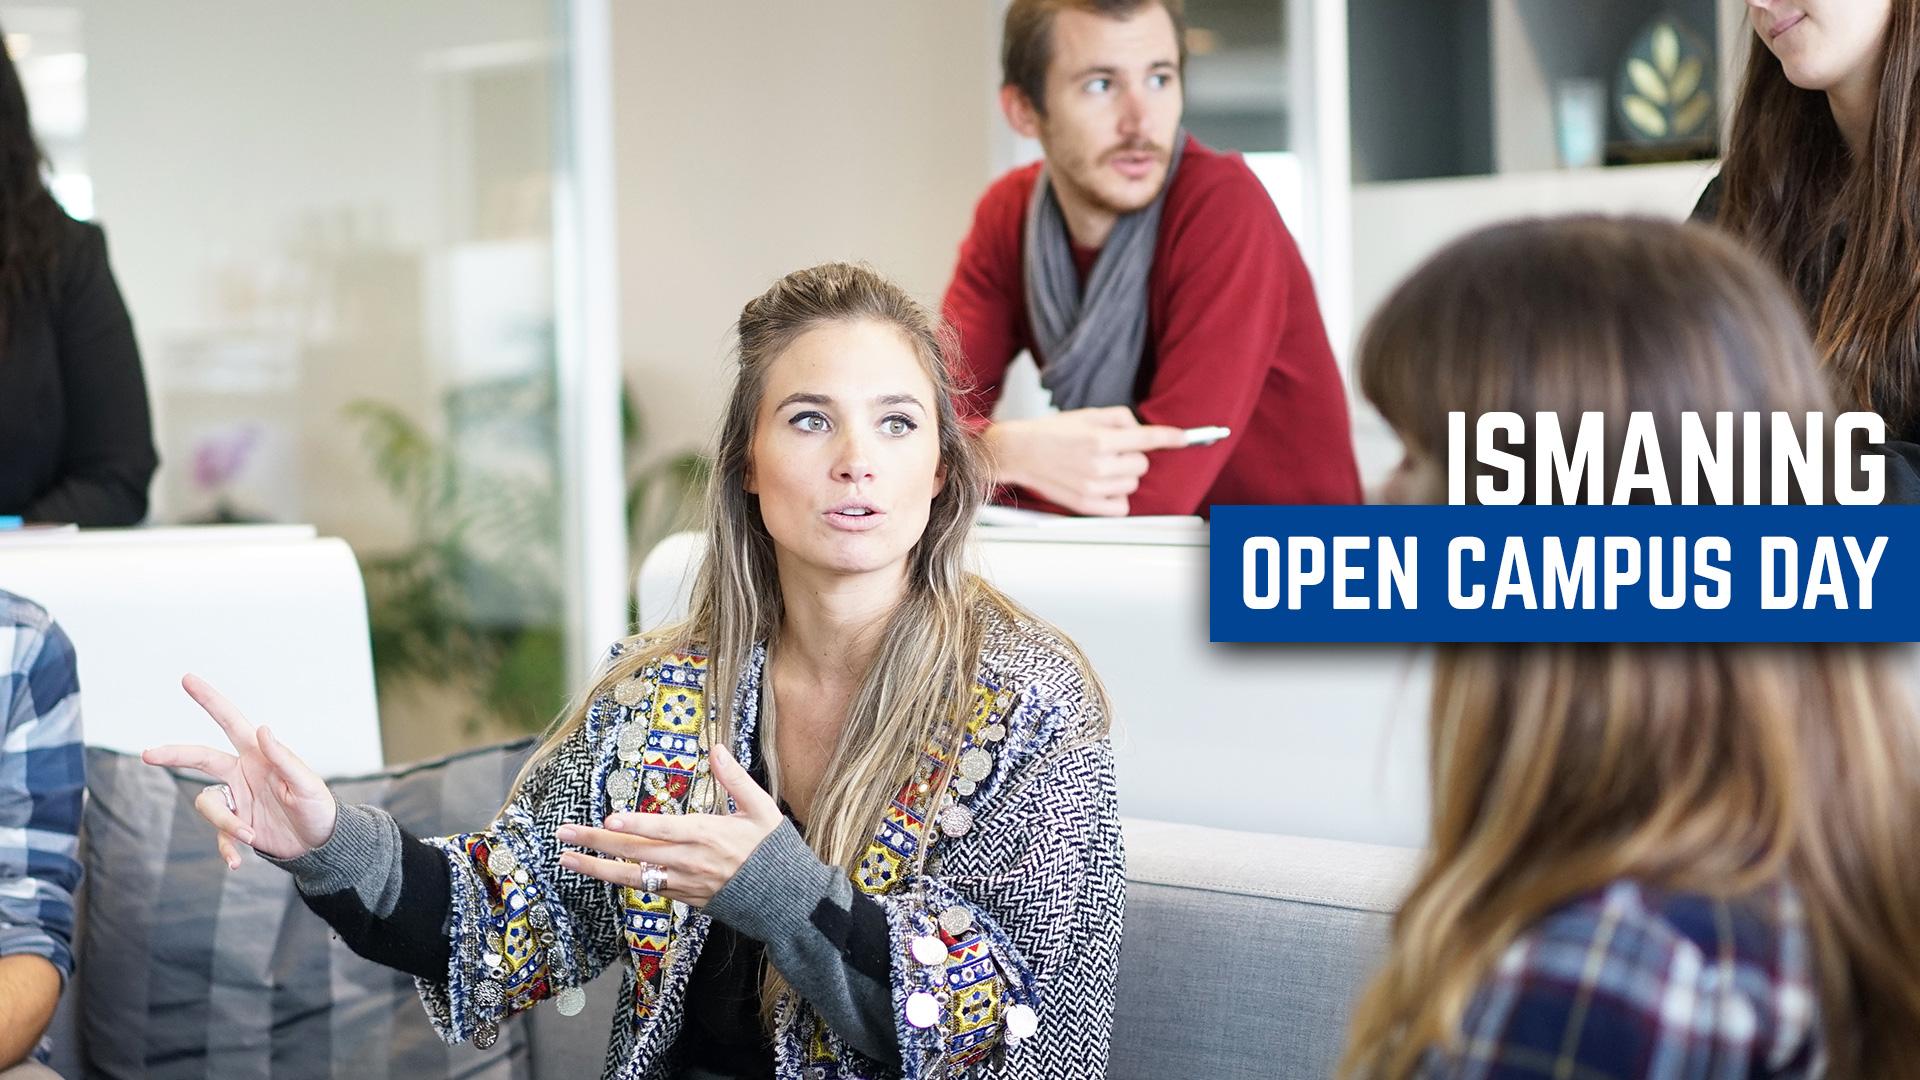 Menschen im Austausch, Einladung zum Open Campus Day in Ismaning.